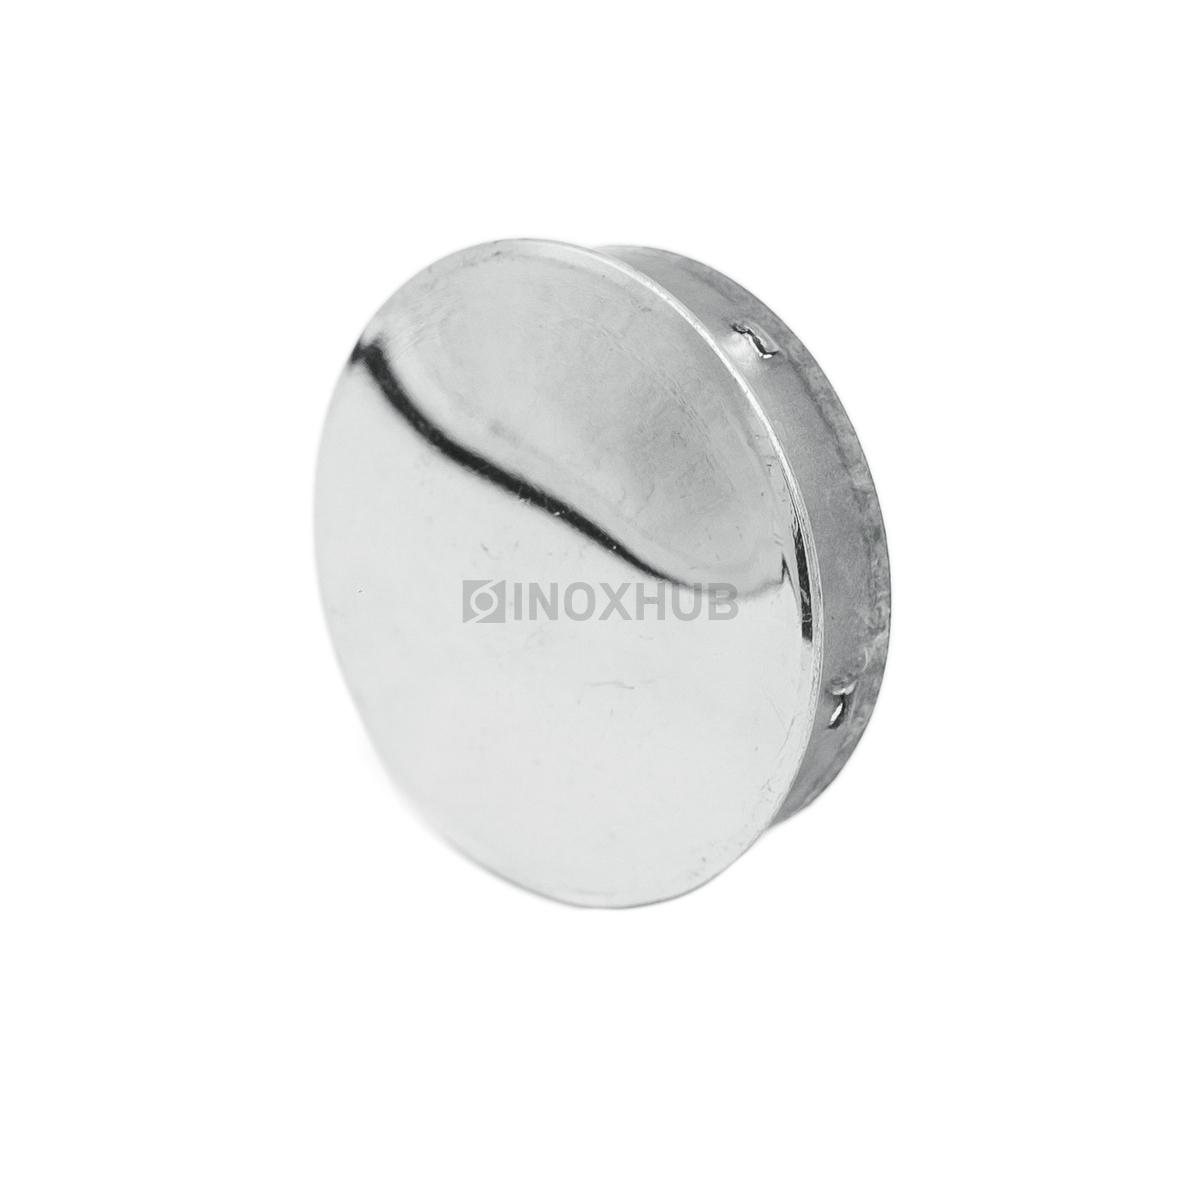 Заглушка забивная штамп., Ø38.1 мм, AISI 201, GRIT 600